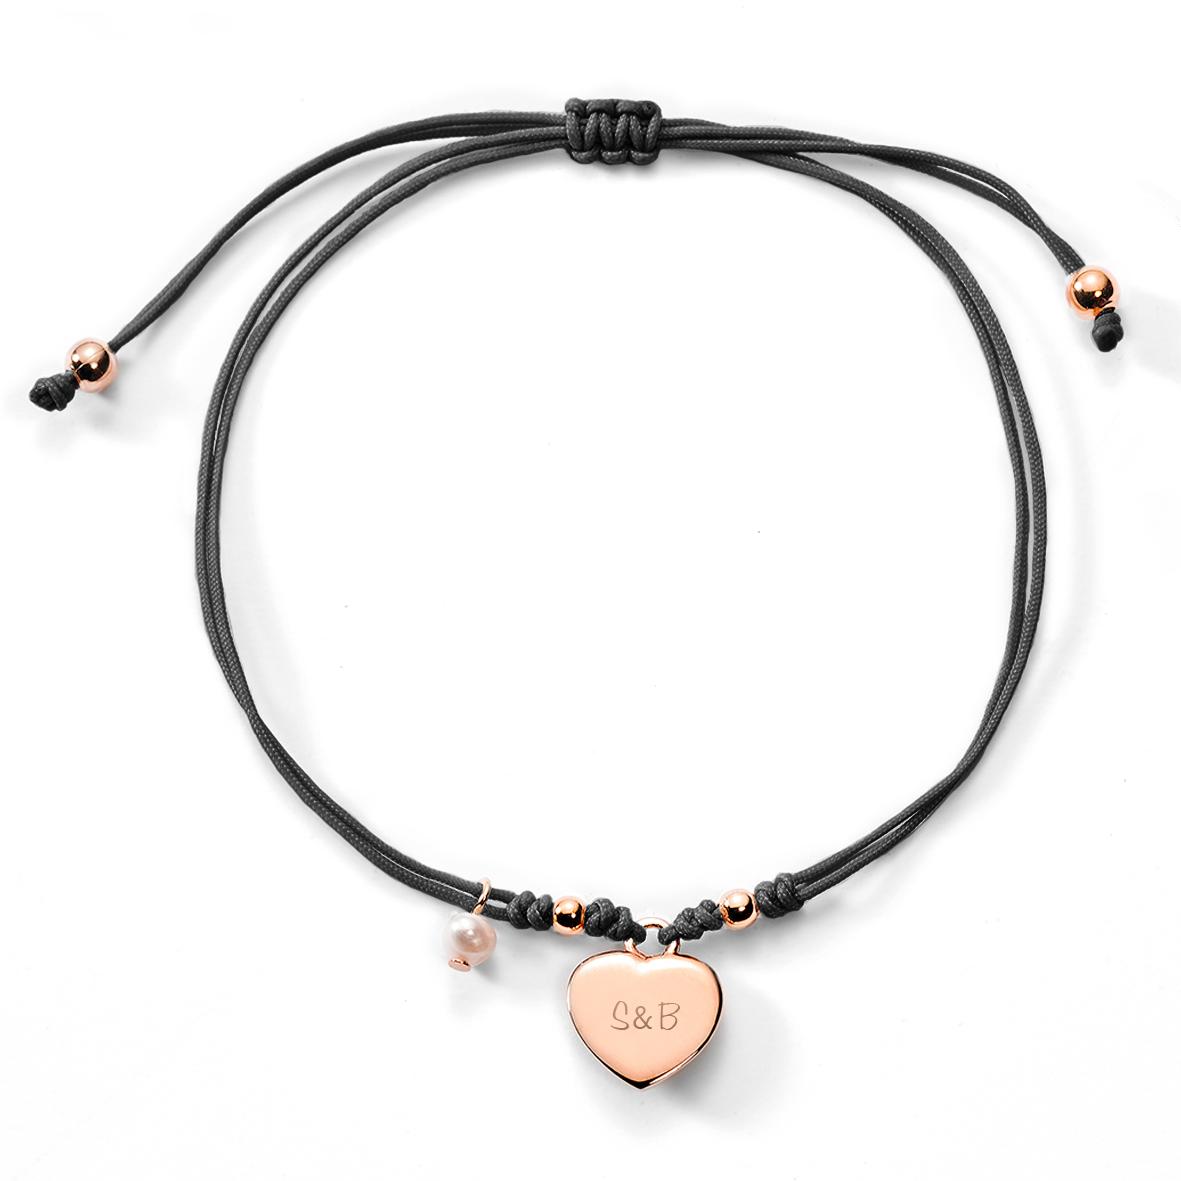 Geflochtenes lederarmband mit gravur  Herz-Armband mit Gravur online kaufen bei schmuckladen.de